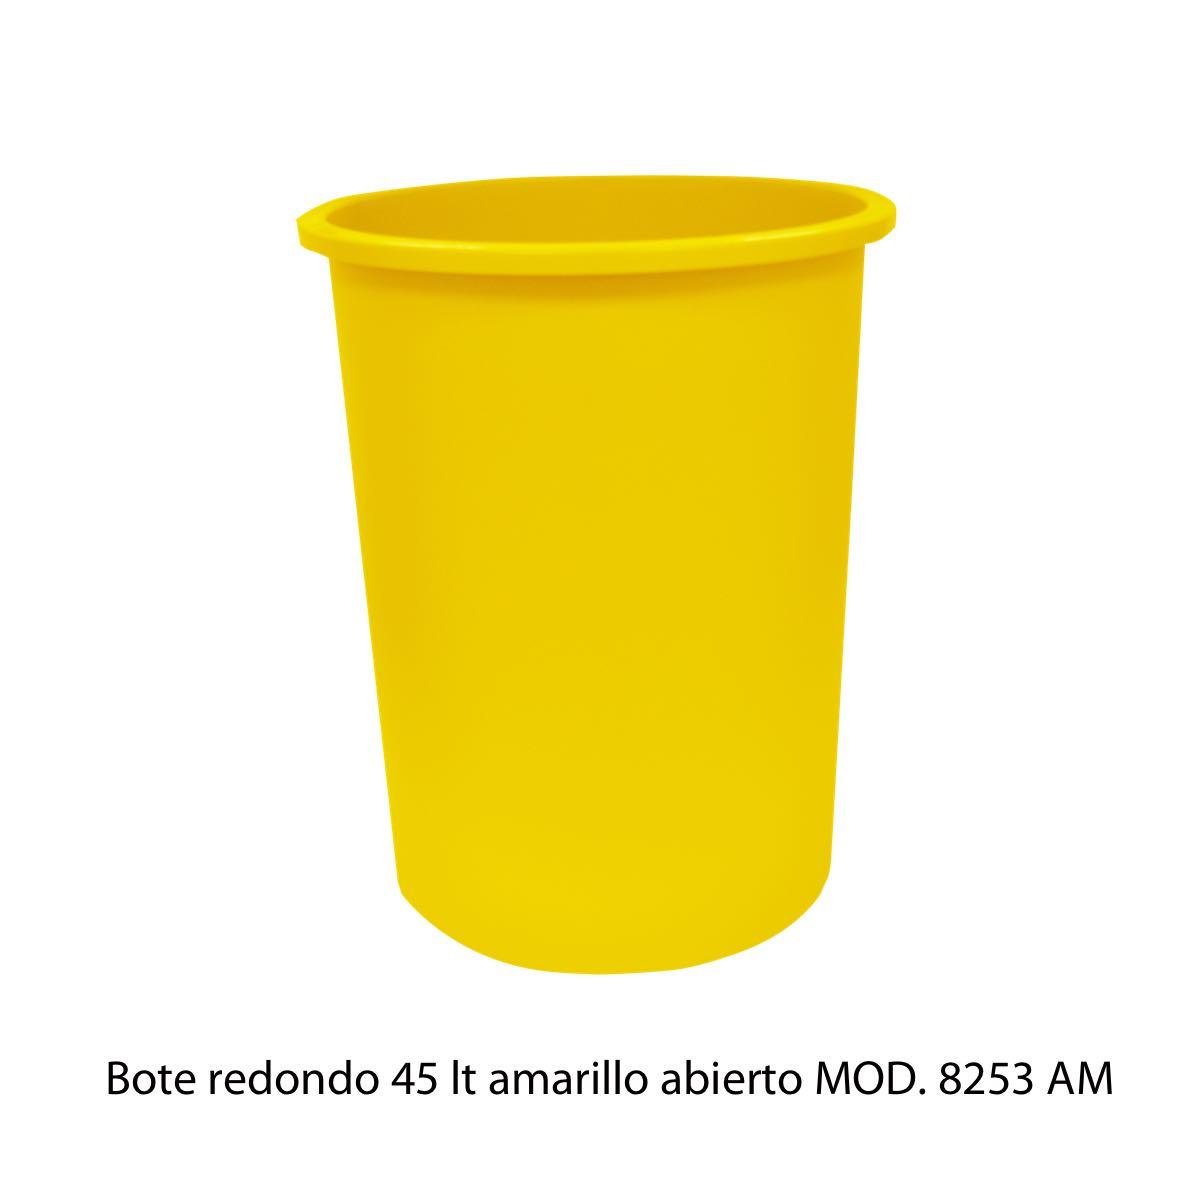 Bote de basura redondo de 45 litros sin tapa color amarillo modelo 8253 AM - Sablón